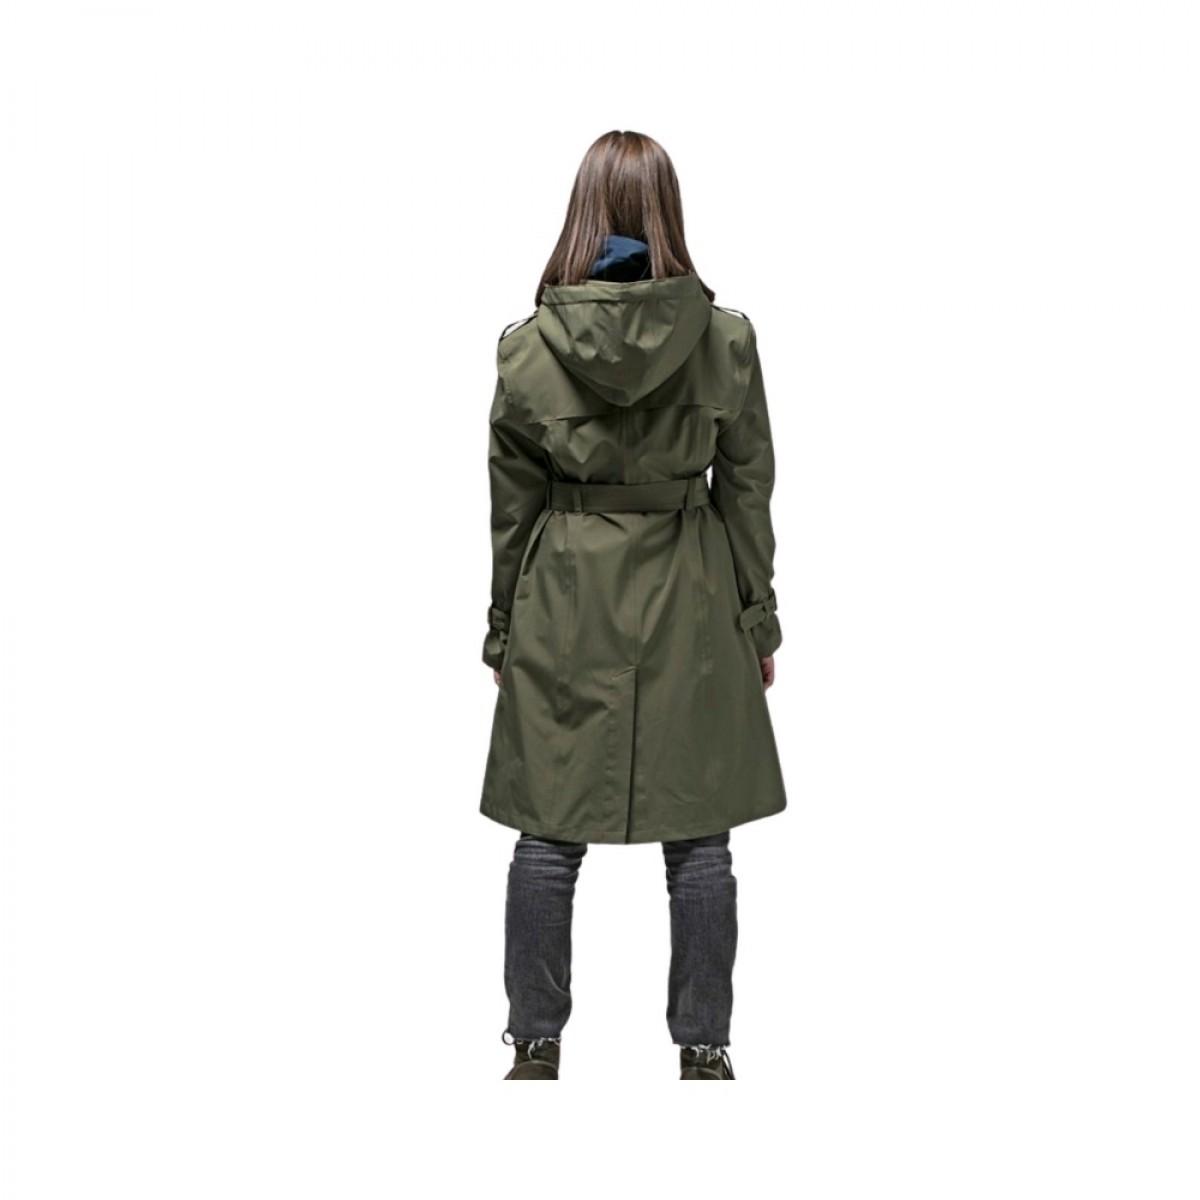 vigra regn frakke dark olive - model billede - bag